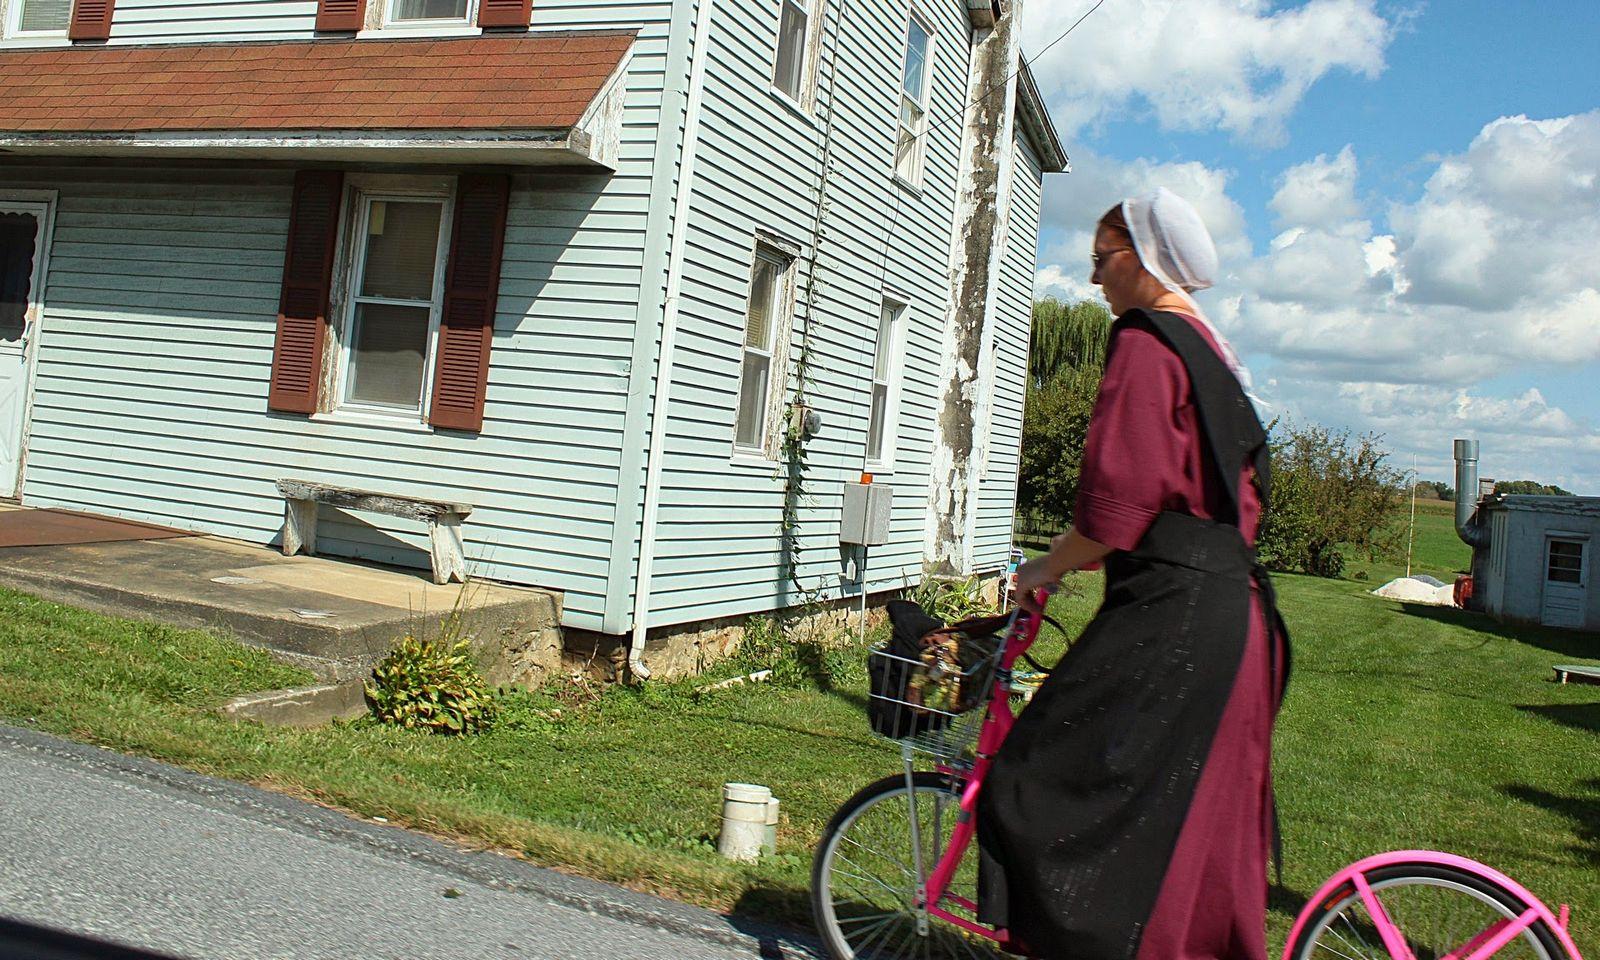 Amish paparazzi